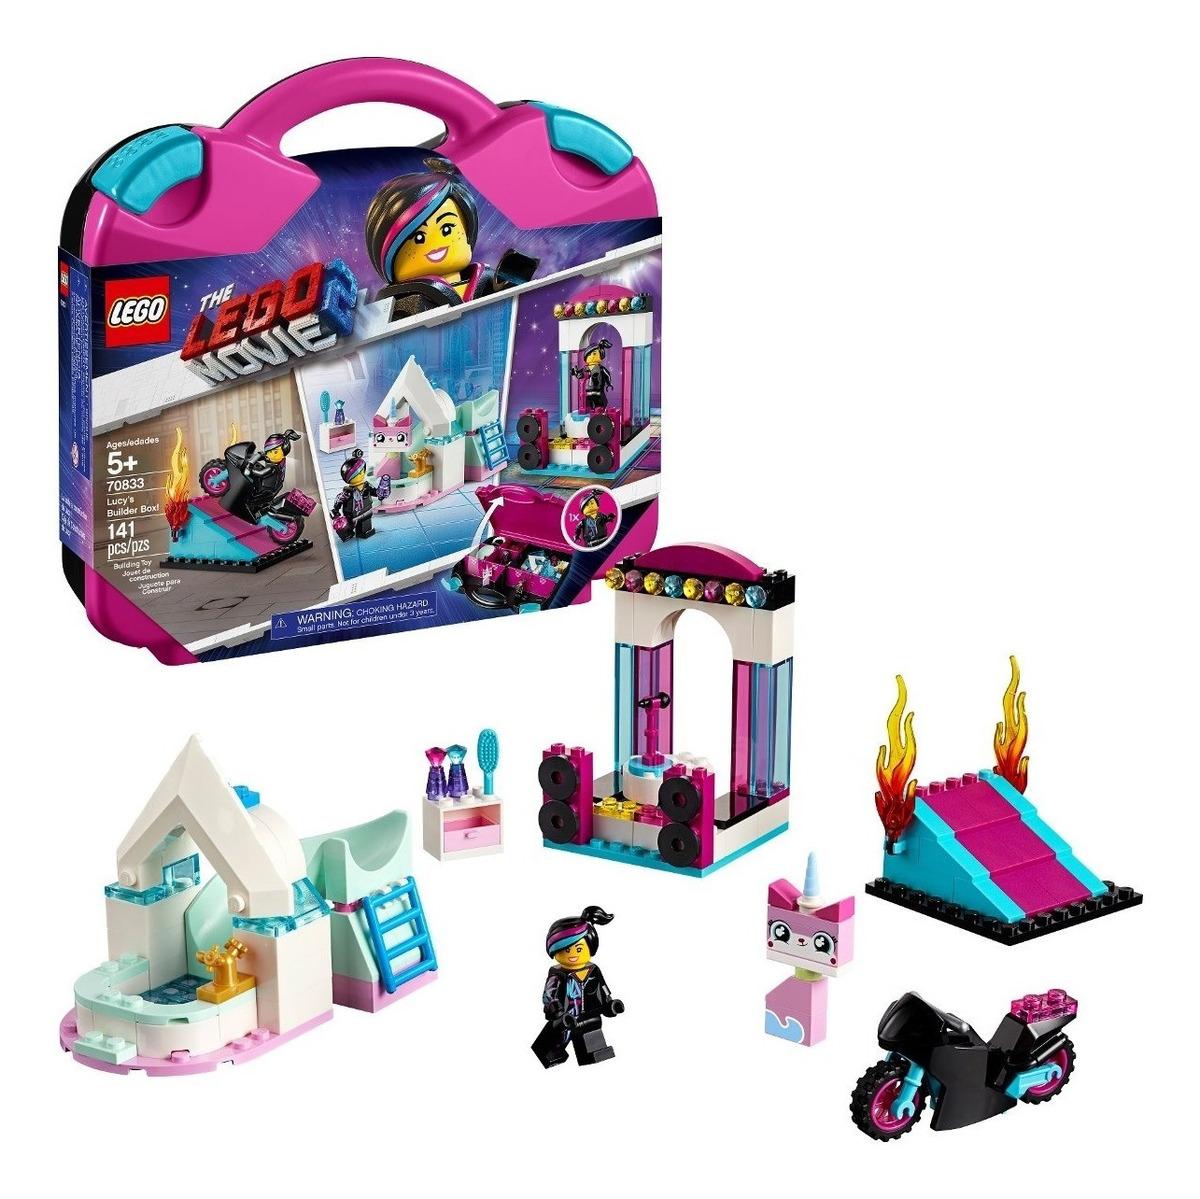 La película Lego 2 Caja constructor de Lucy caso Unikitty Moto Play Set 70833 Nuevo